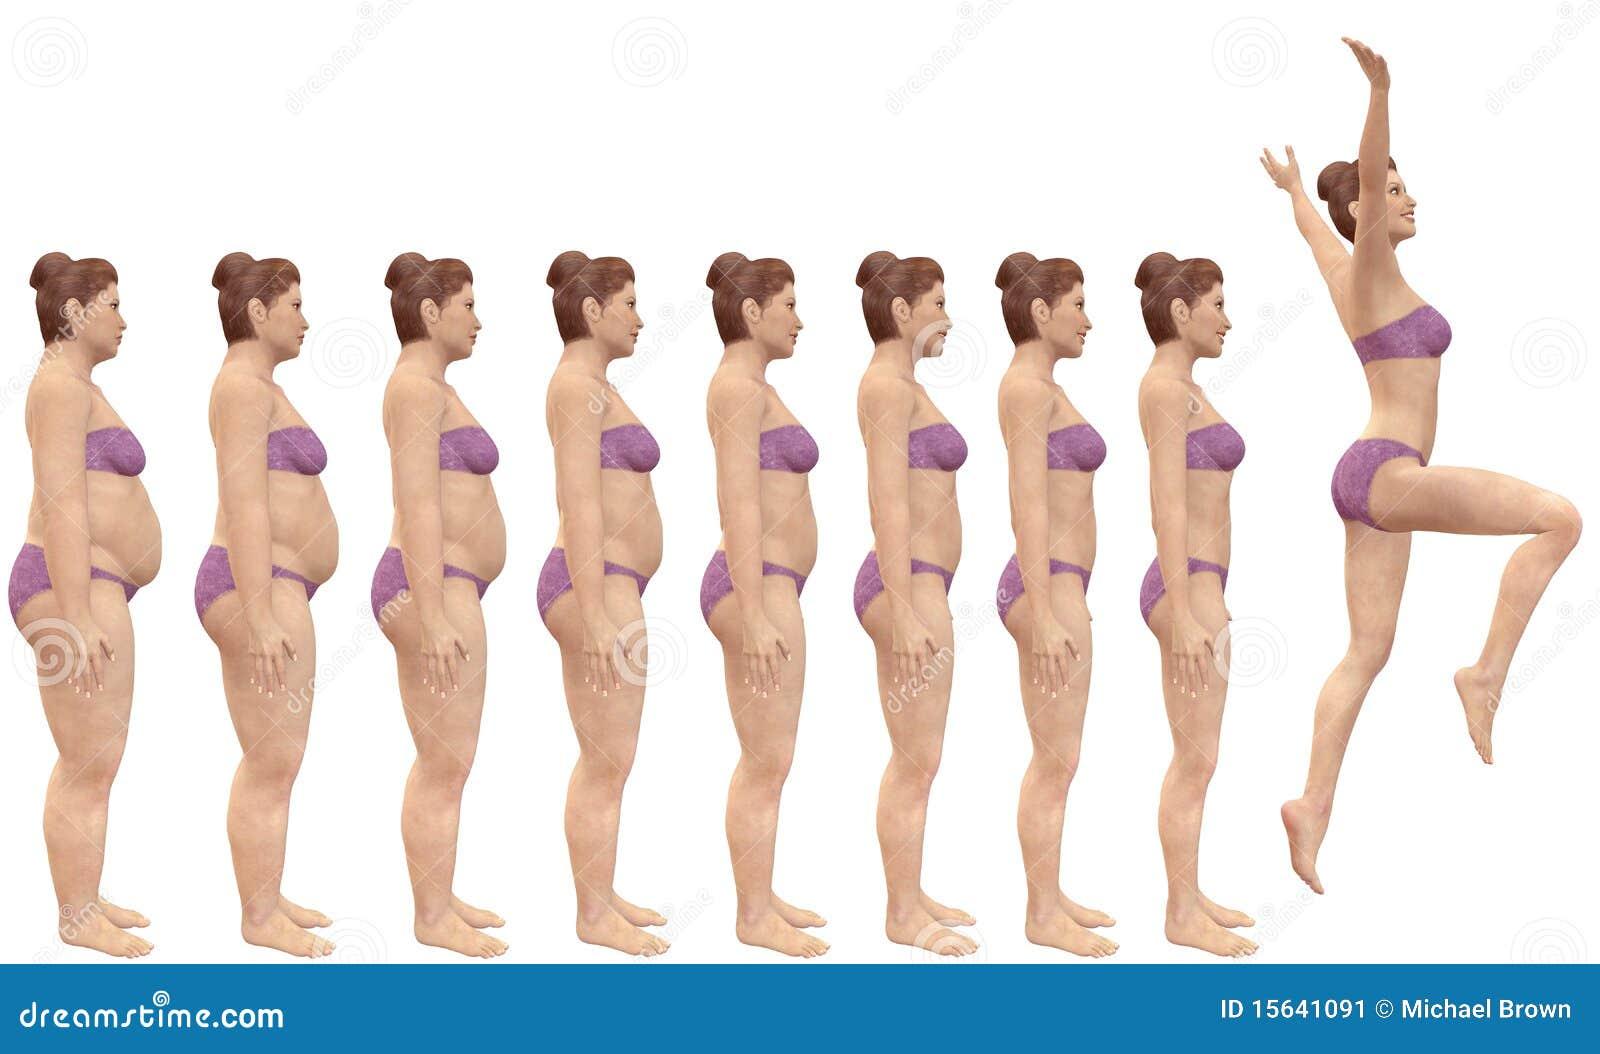 il sodio ostacola la perdita di grasso